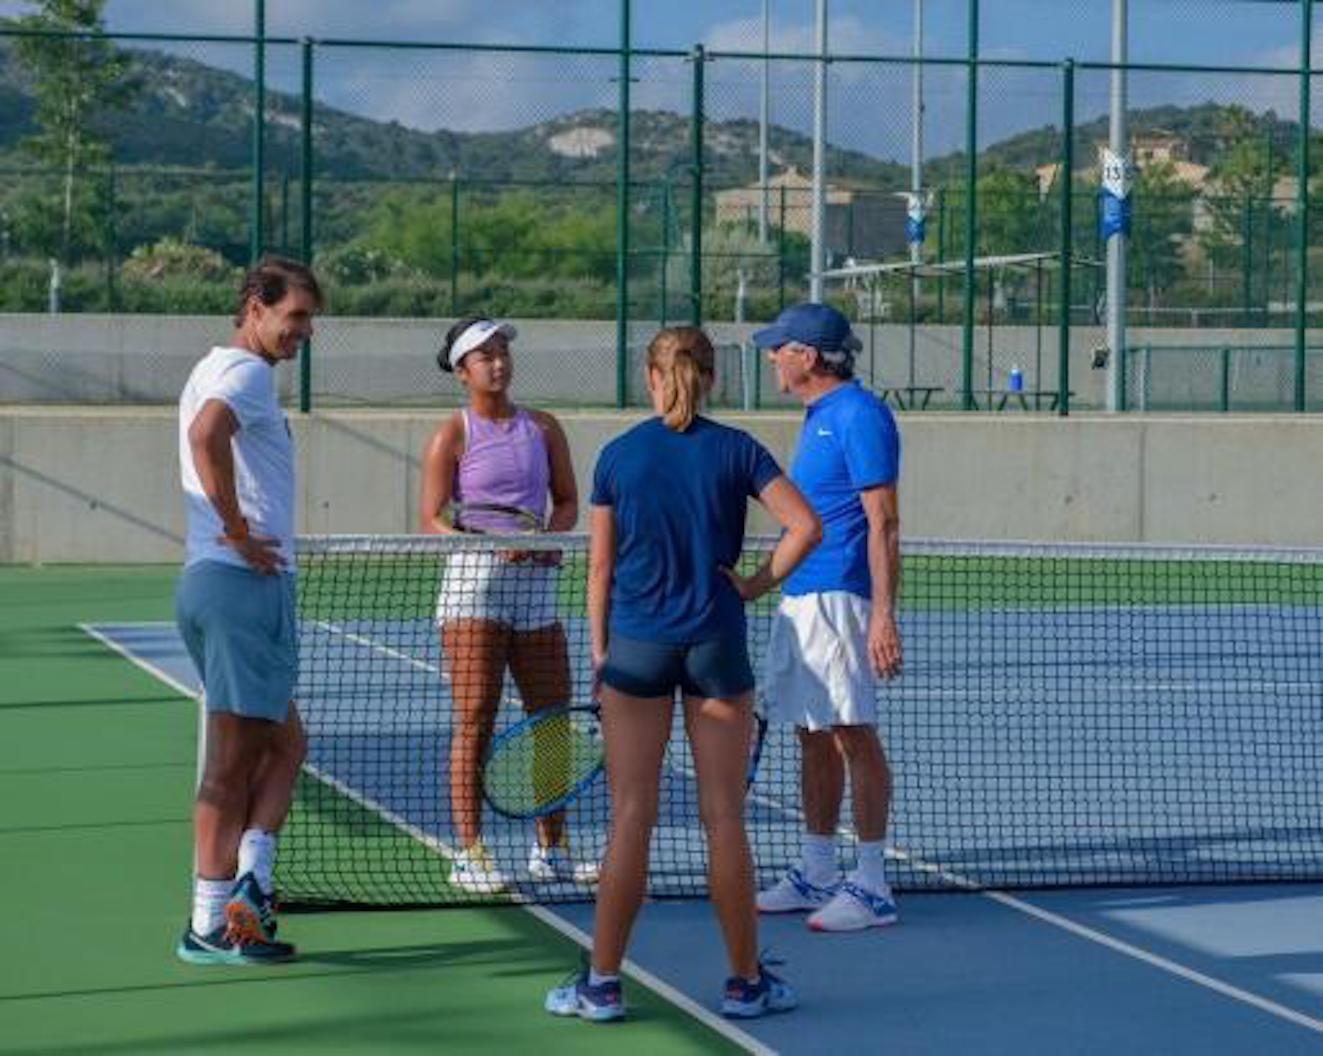 Rafa Nadal Visits Students At His Academy In Manacor